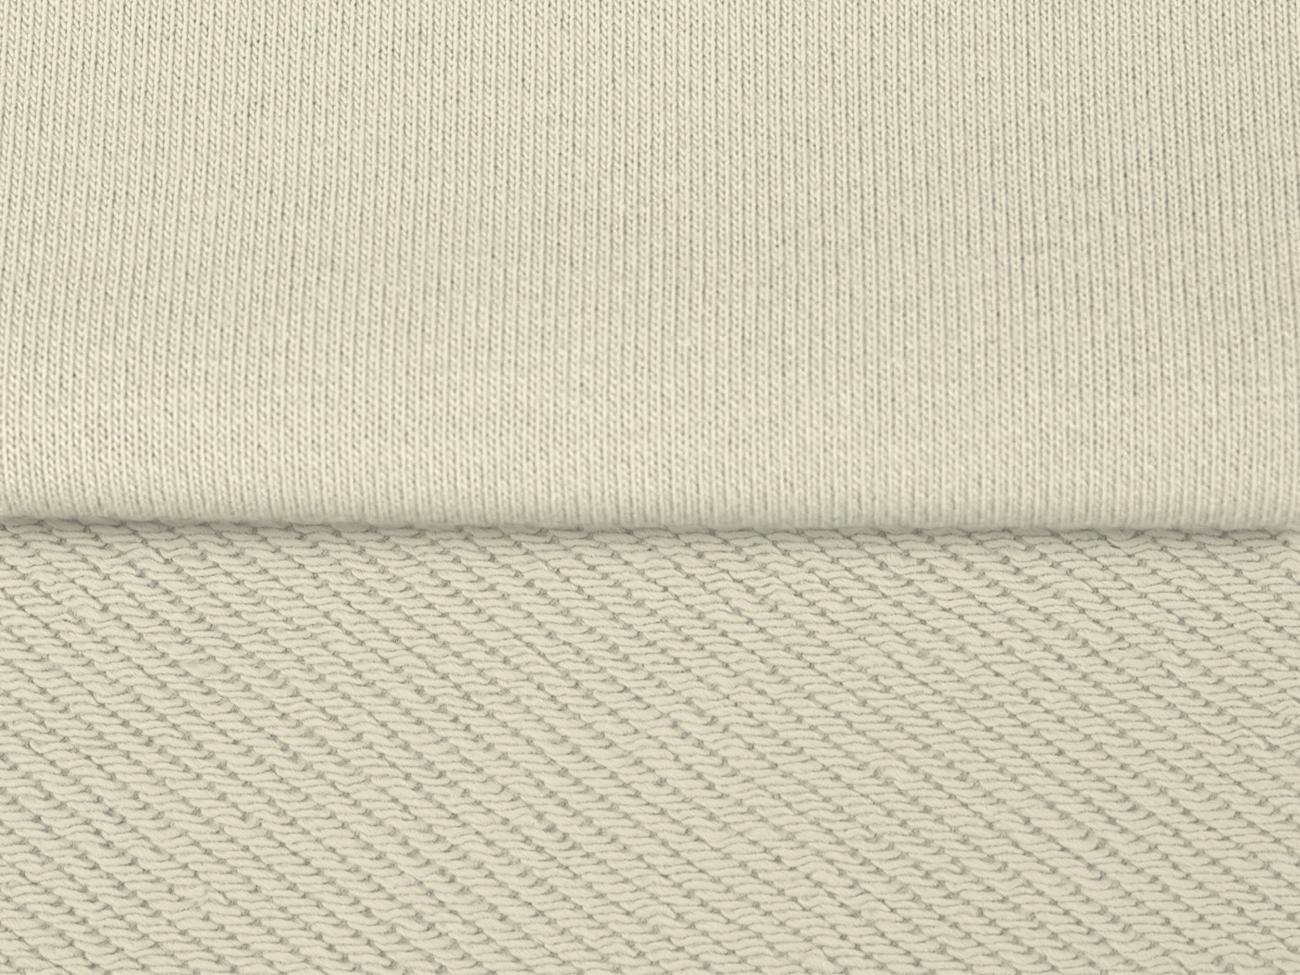 Футер 3 нитка купить ткань букле на платье